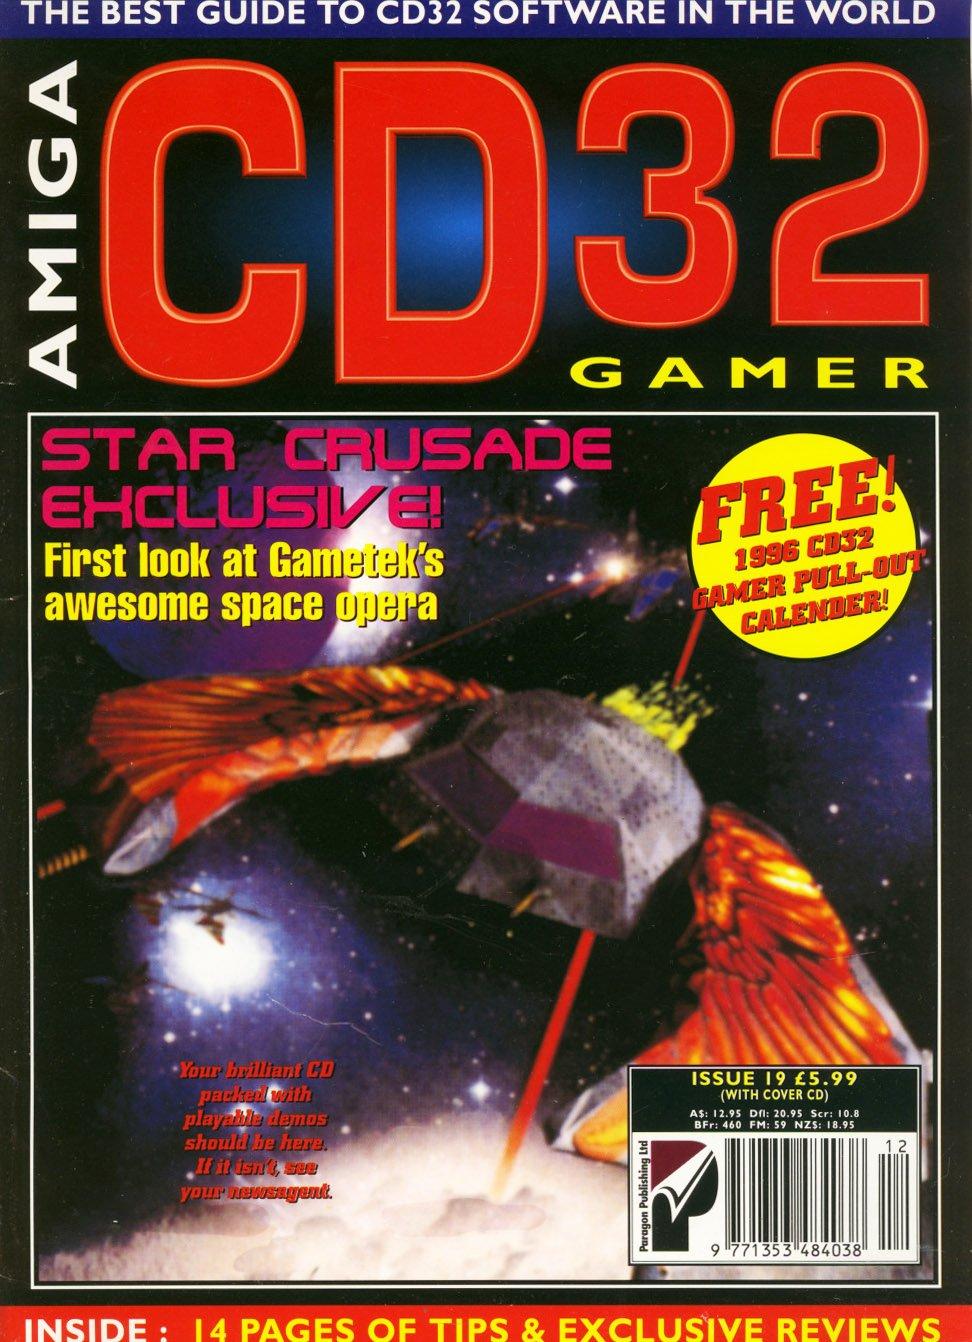 Amiga CD 32 Gamer Issue 19 December 1995